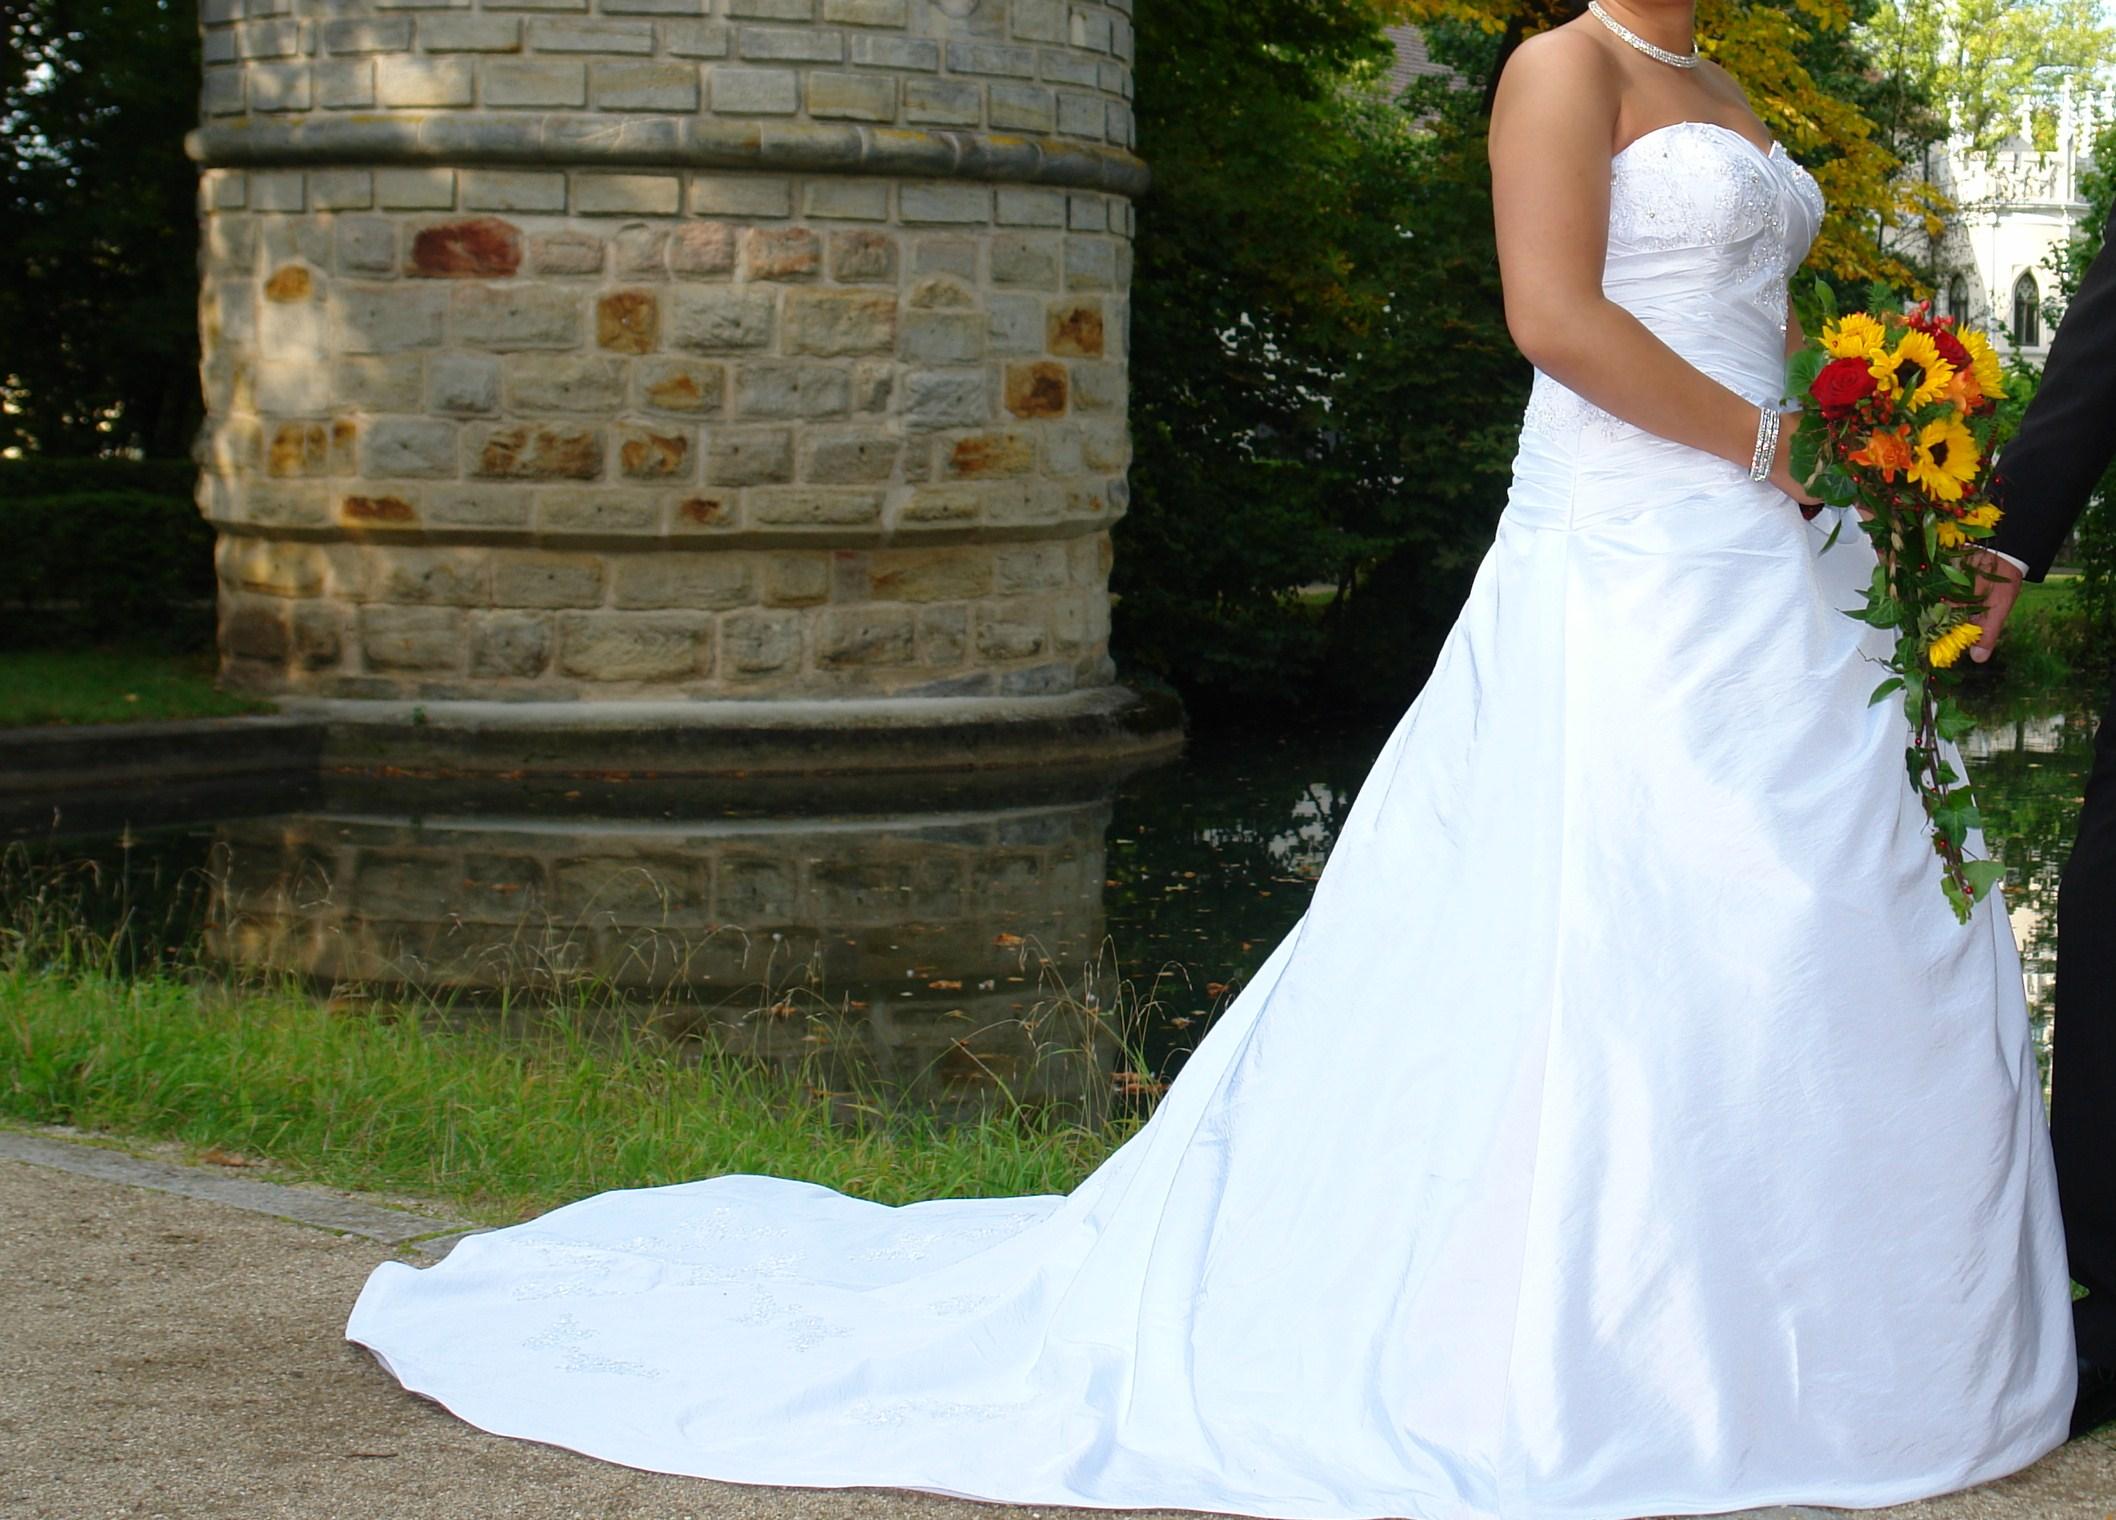 Kleinanzeigen Alles für die Hochzeit - Seite 1